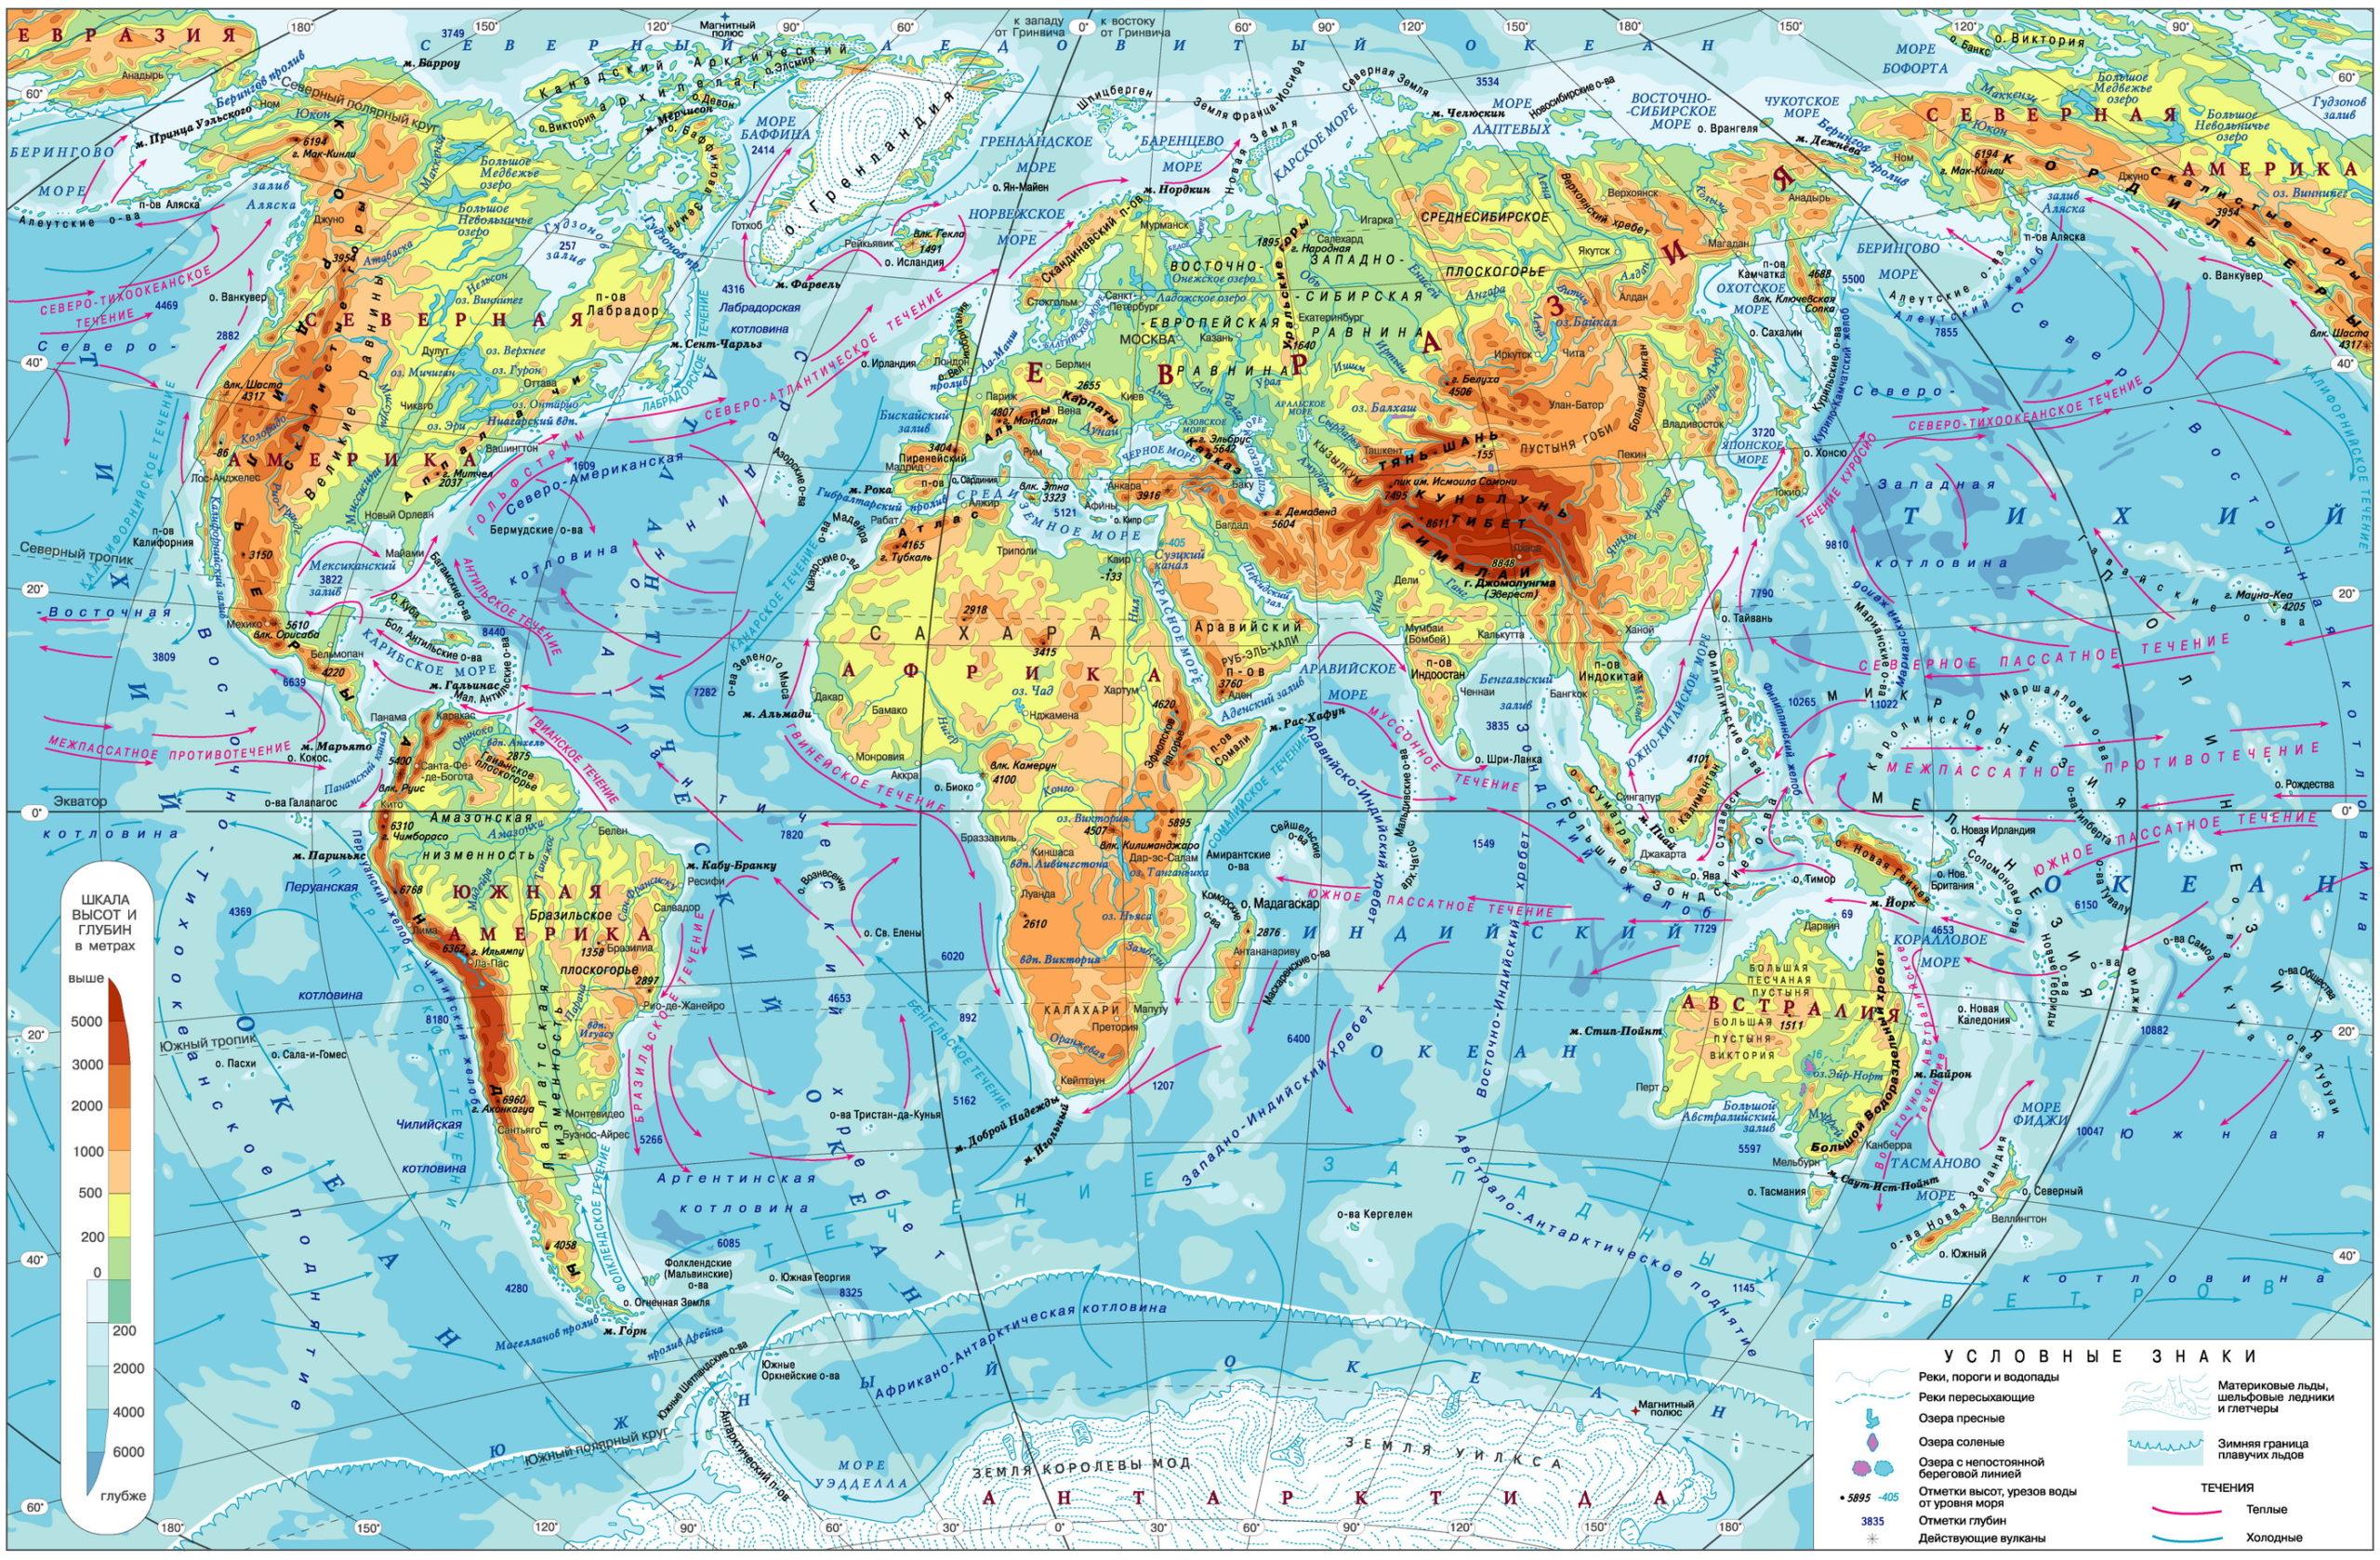 Географические карты Земли крупным планом на русском языке: физическая, политическая и контурная 2